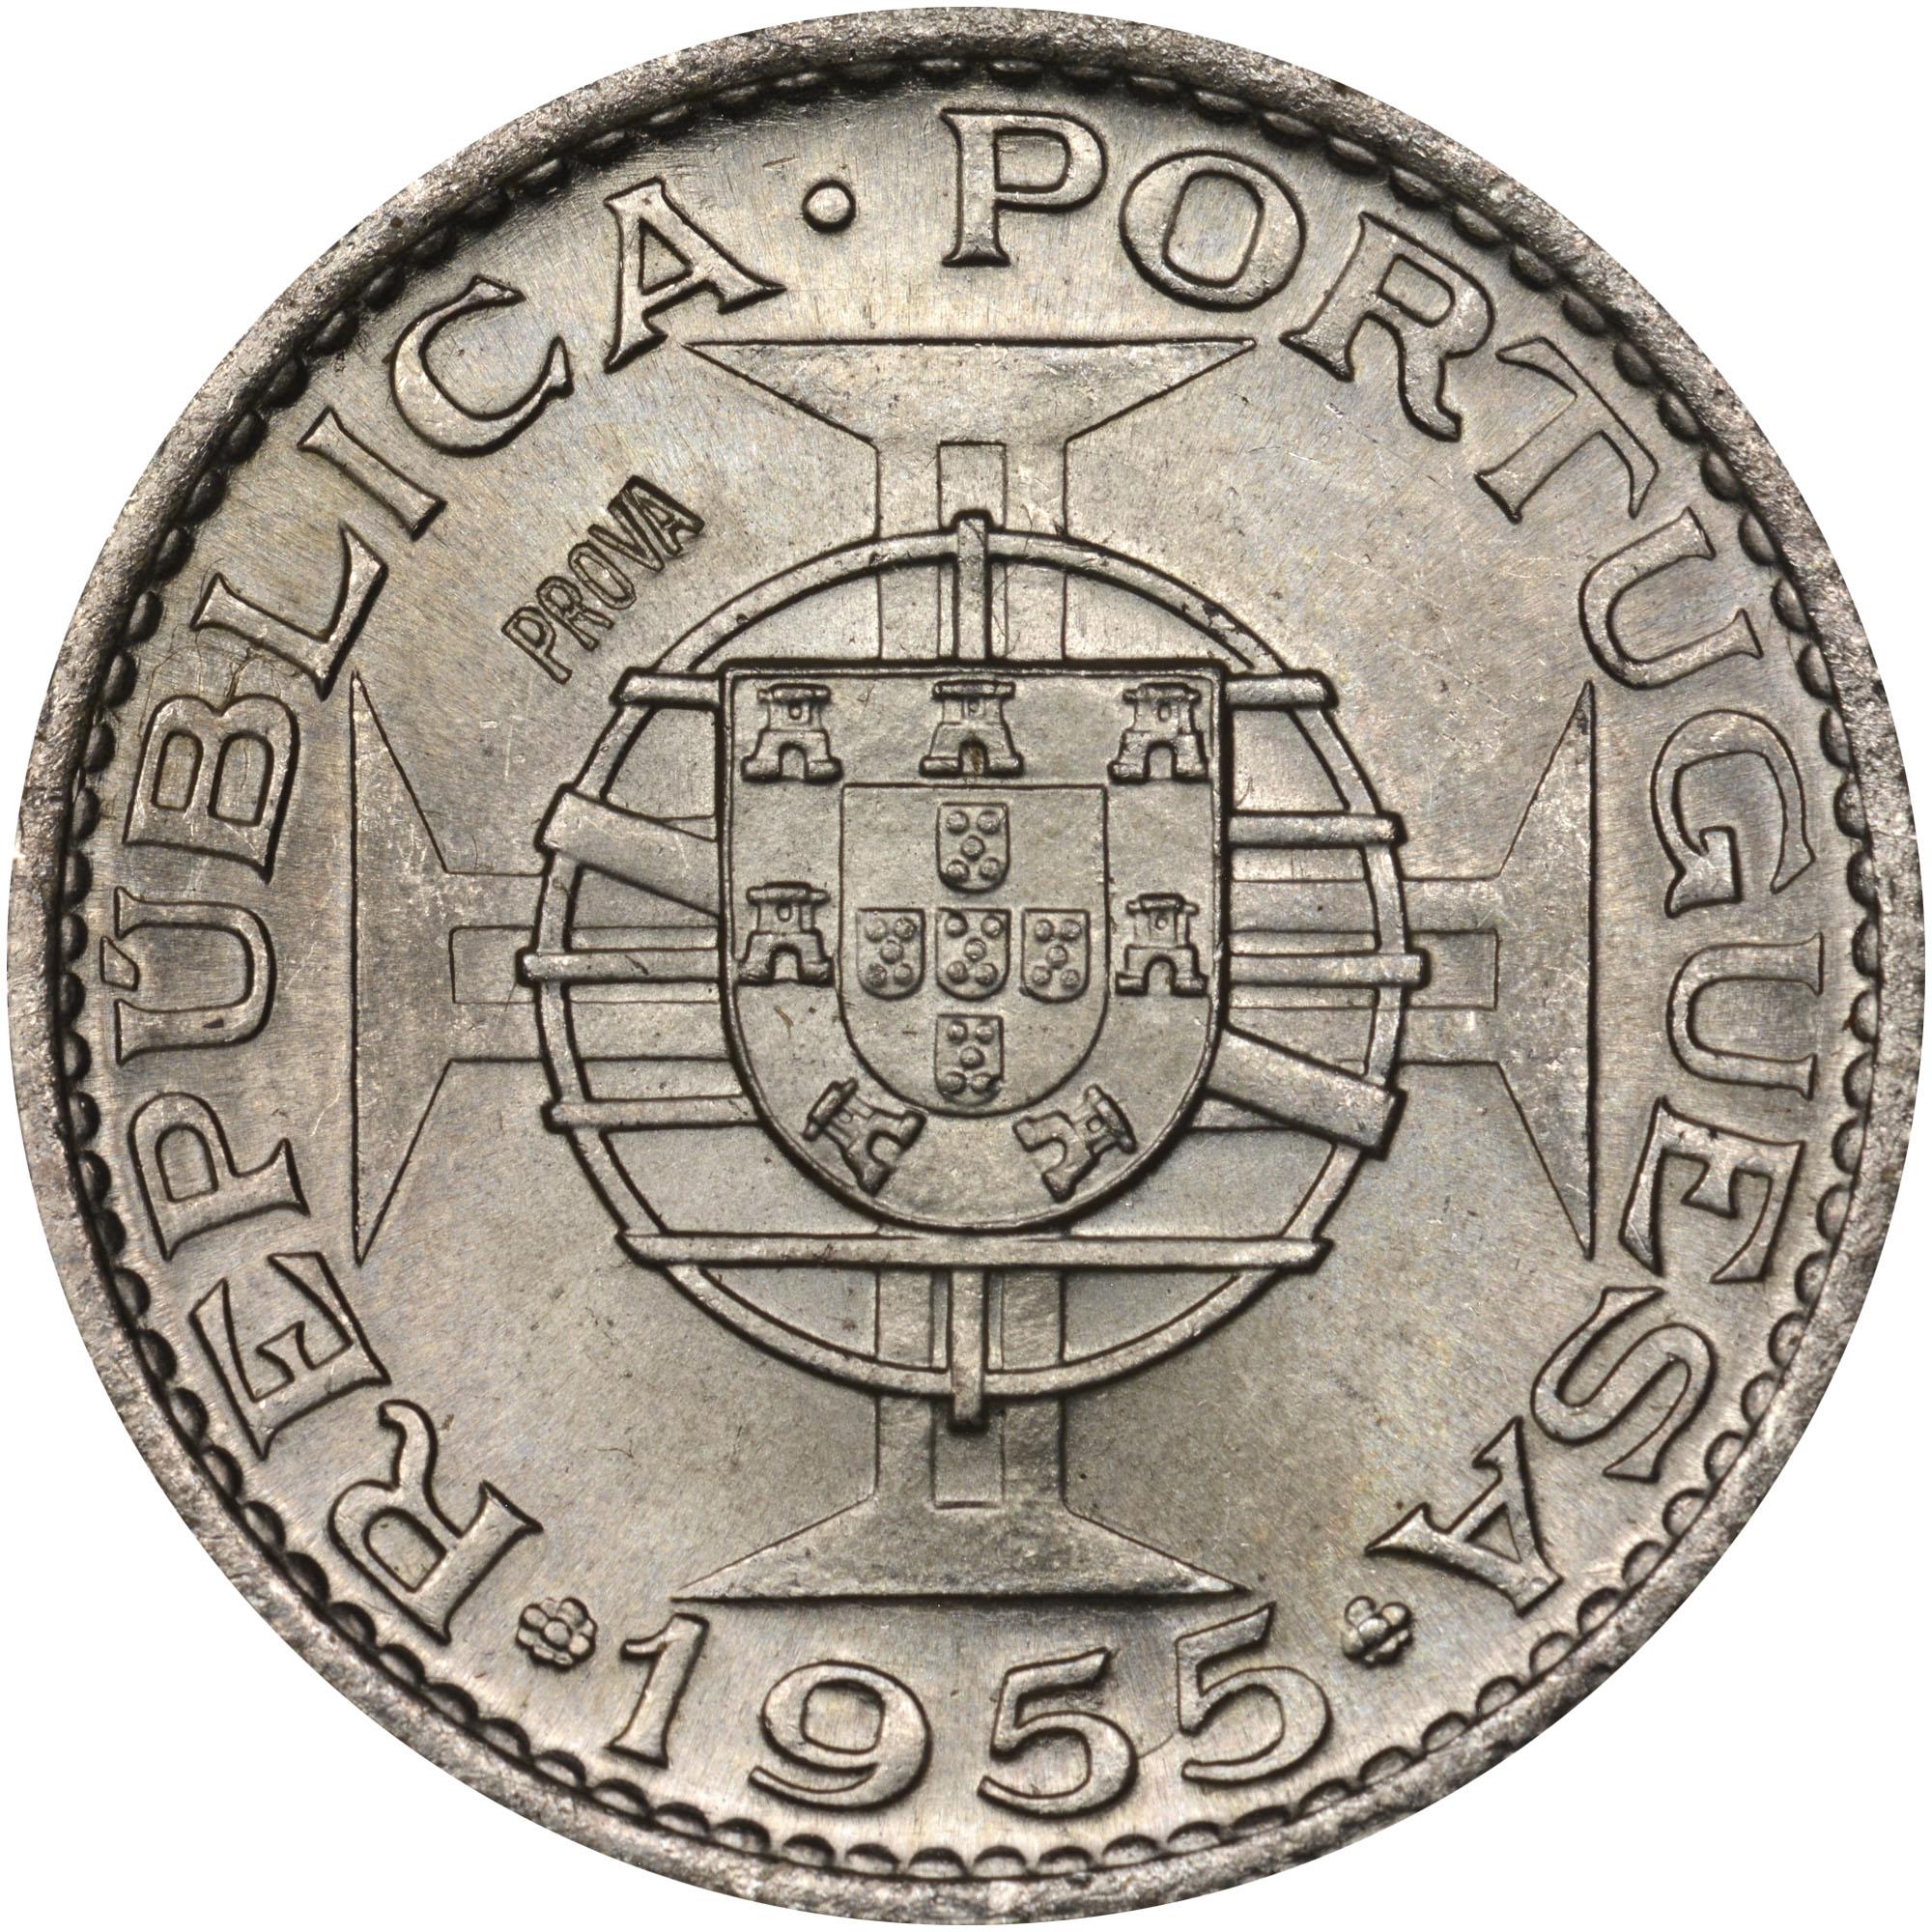 1955 Angola 10 Escudos obverse